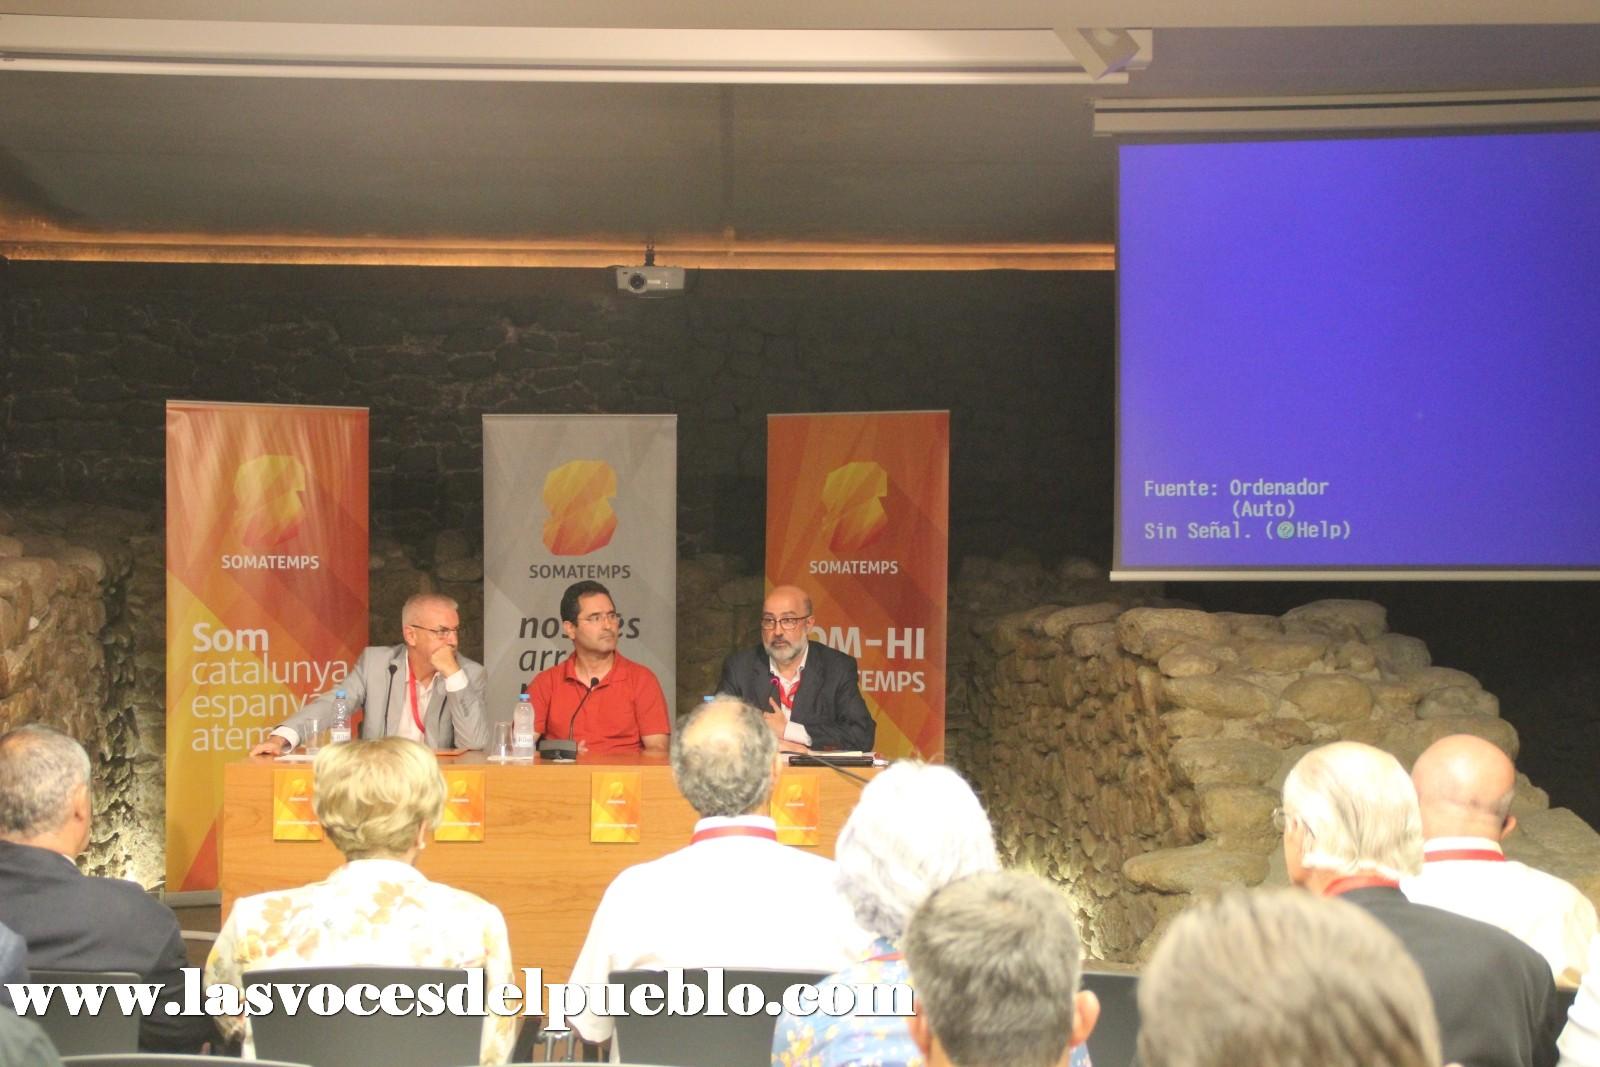 las voces del pueblo_I Congreso de Somatemps_Ripoll_Gerona (26)